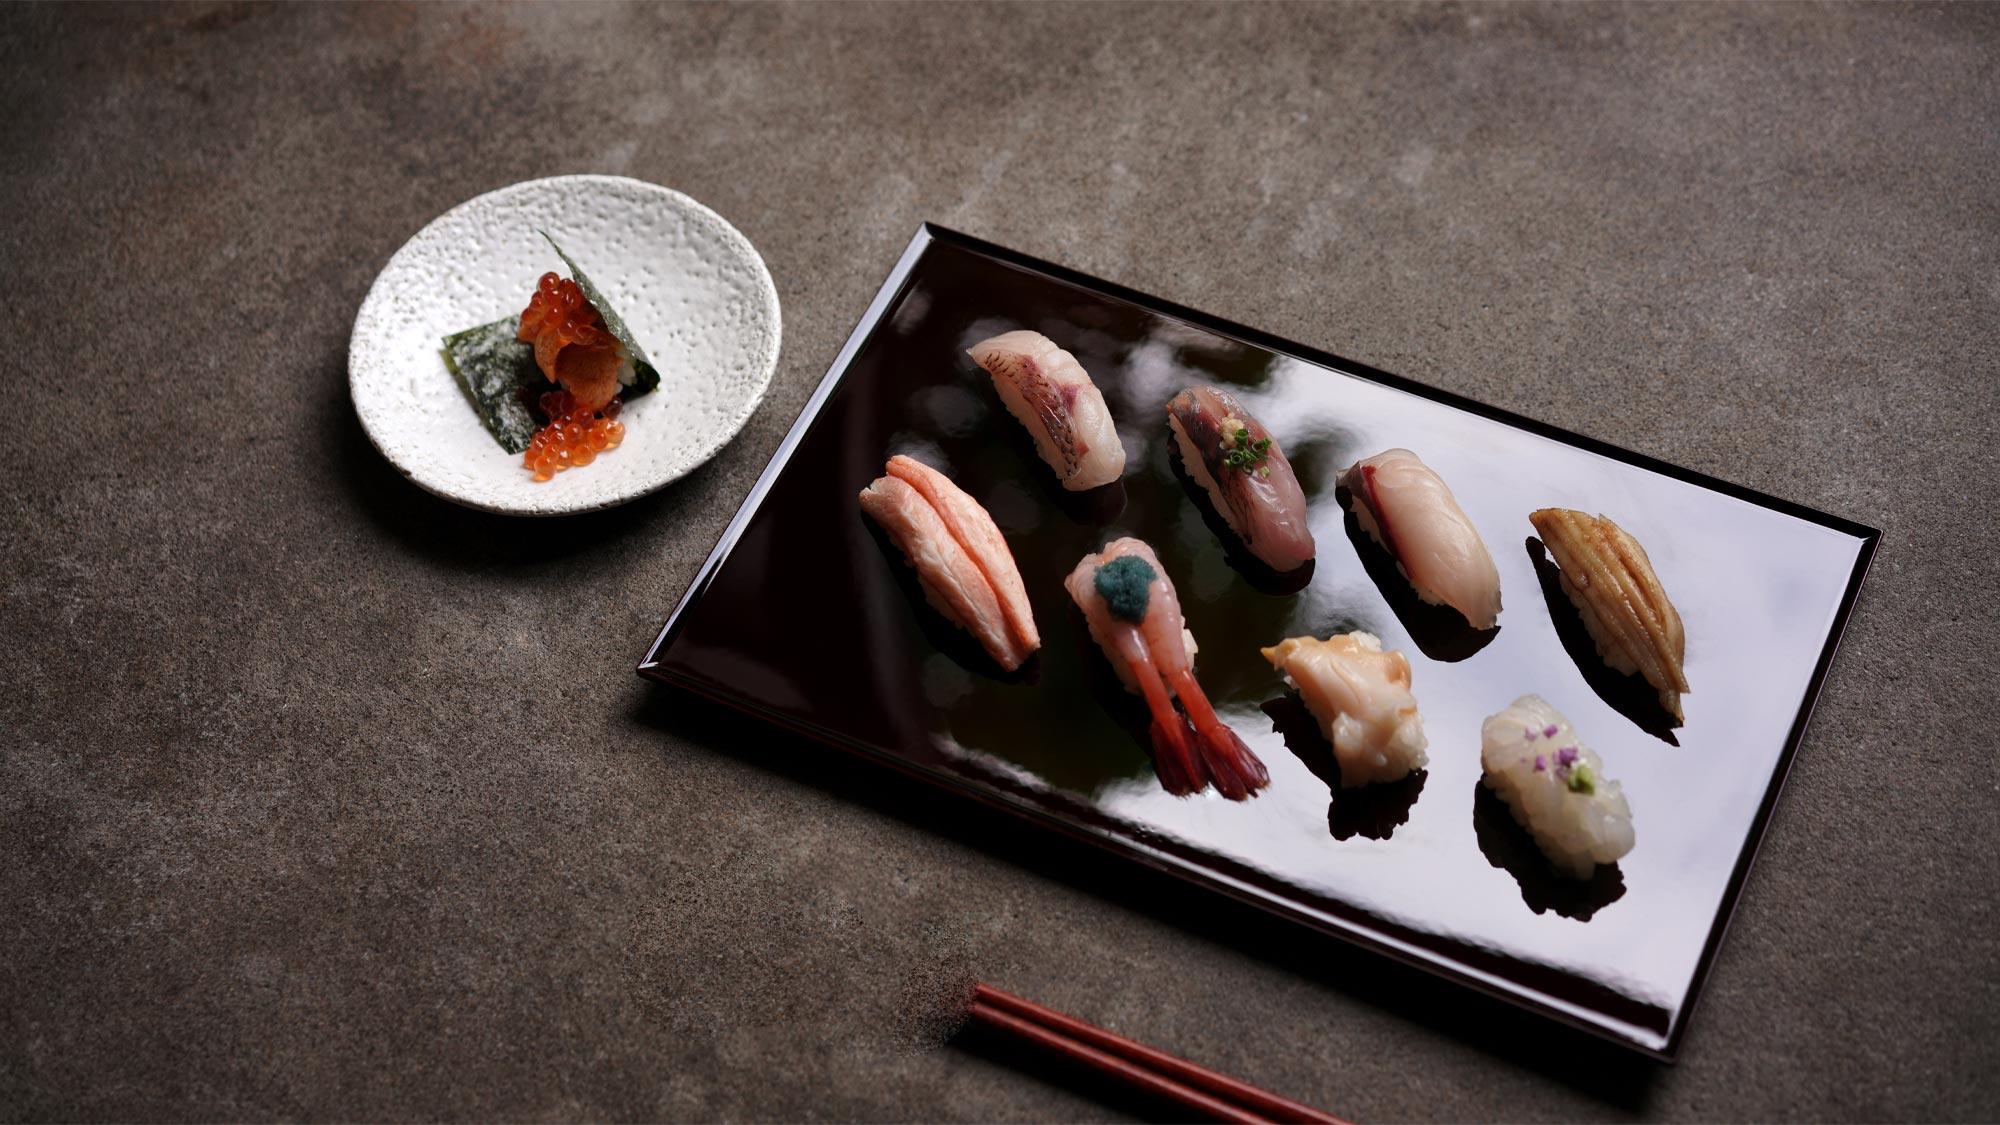 鮨 風和利のMENU Kanazawa Jizakanamamire Sushiの画像です。